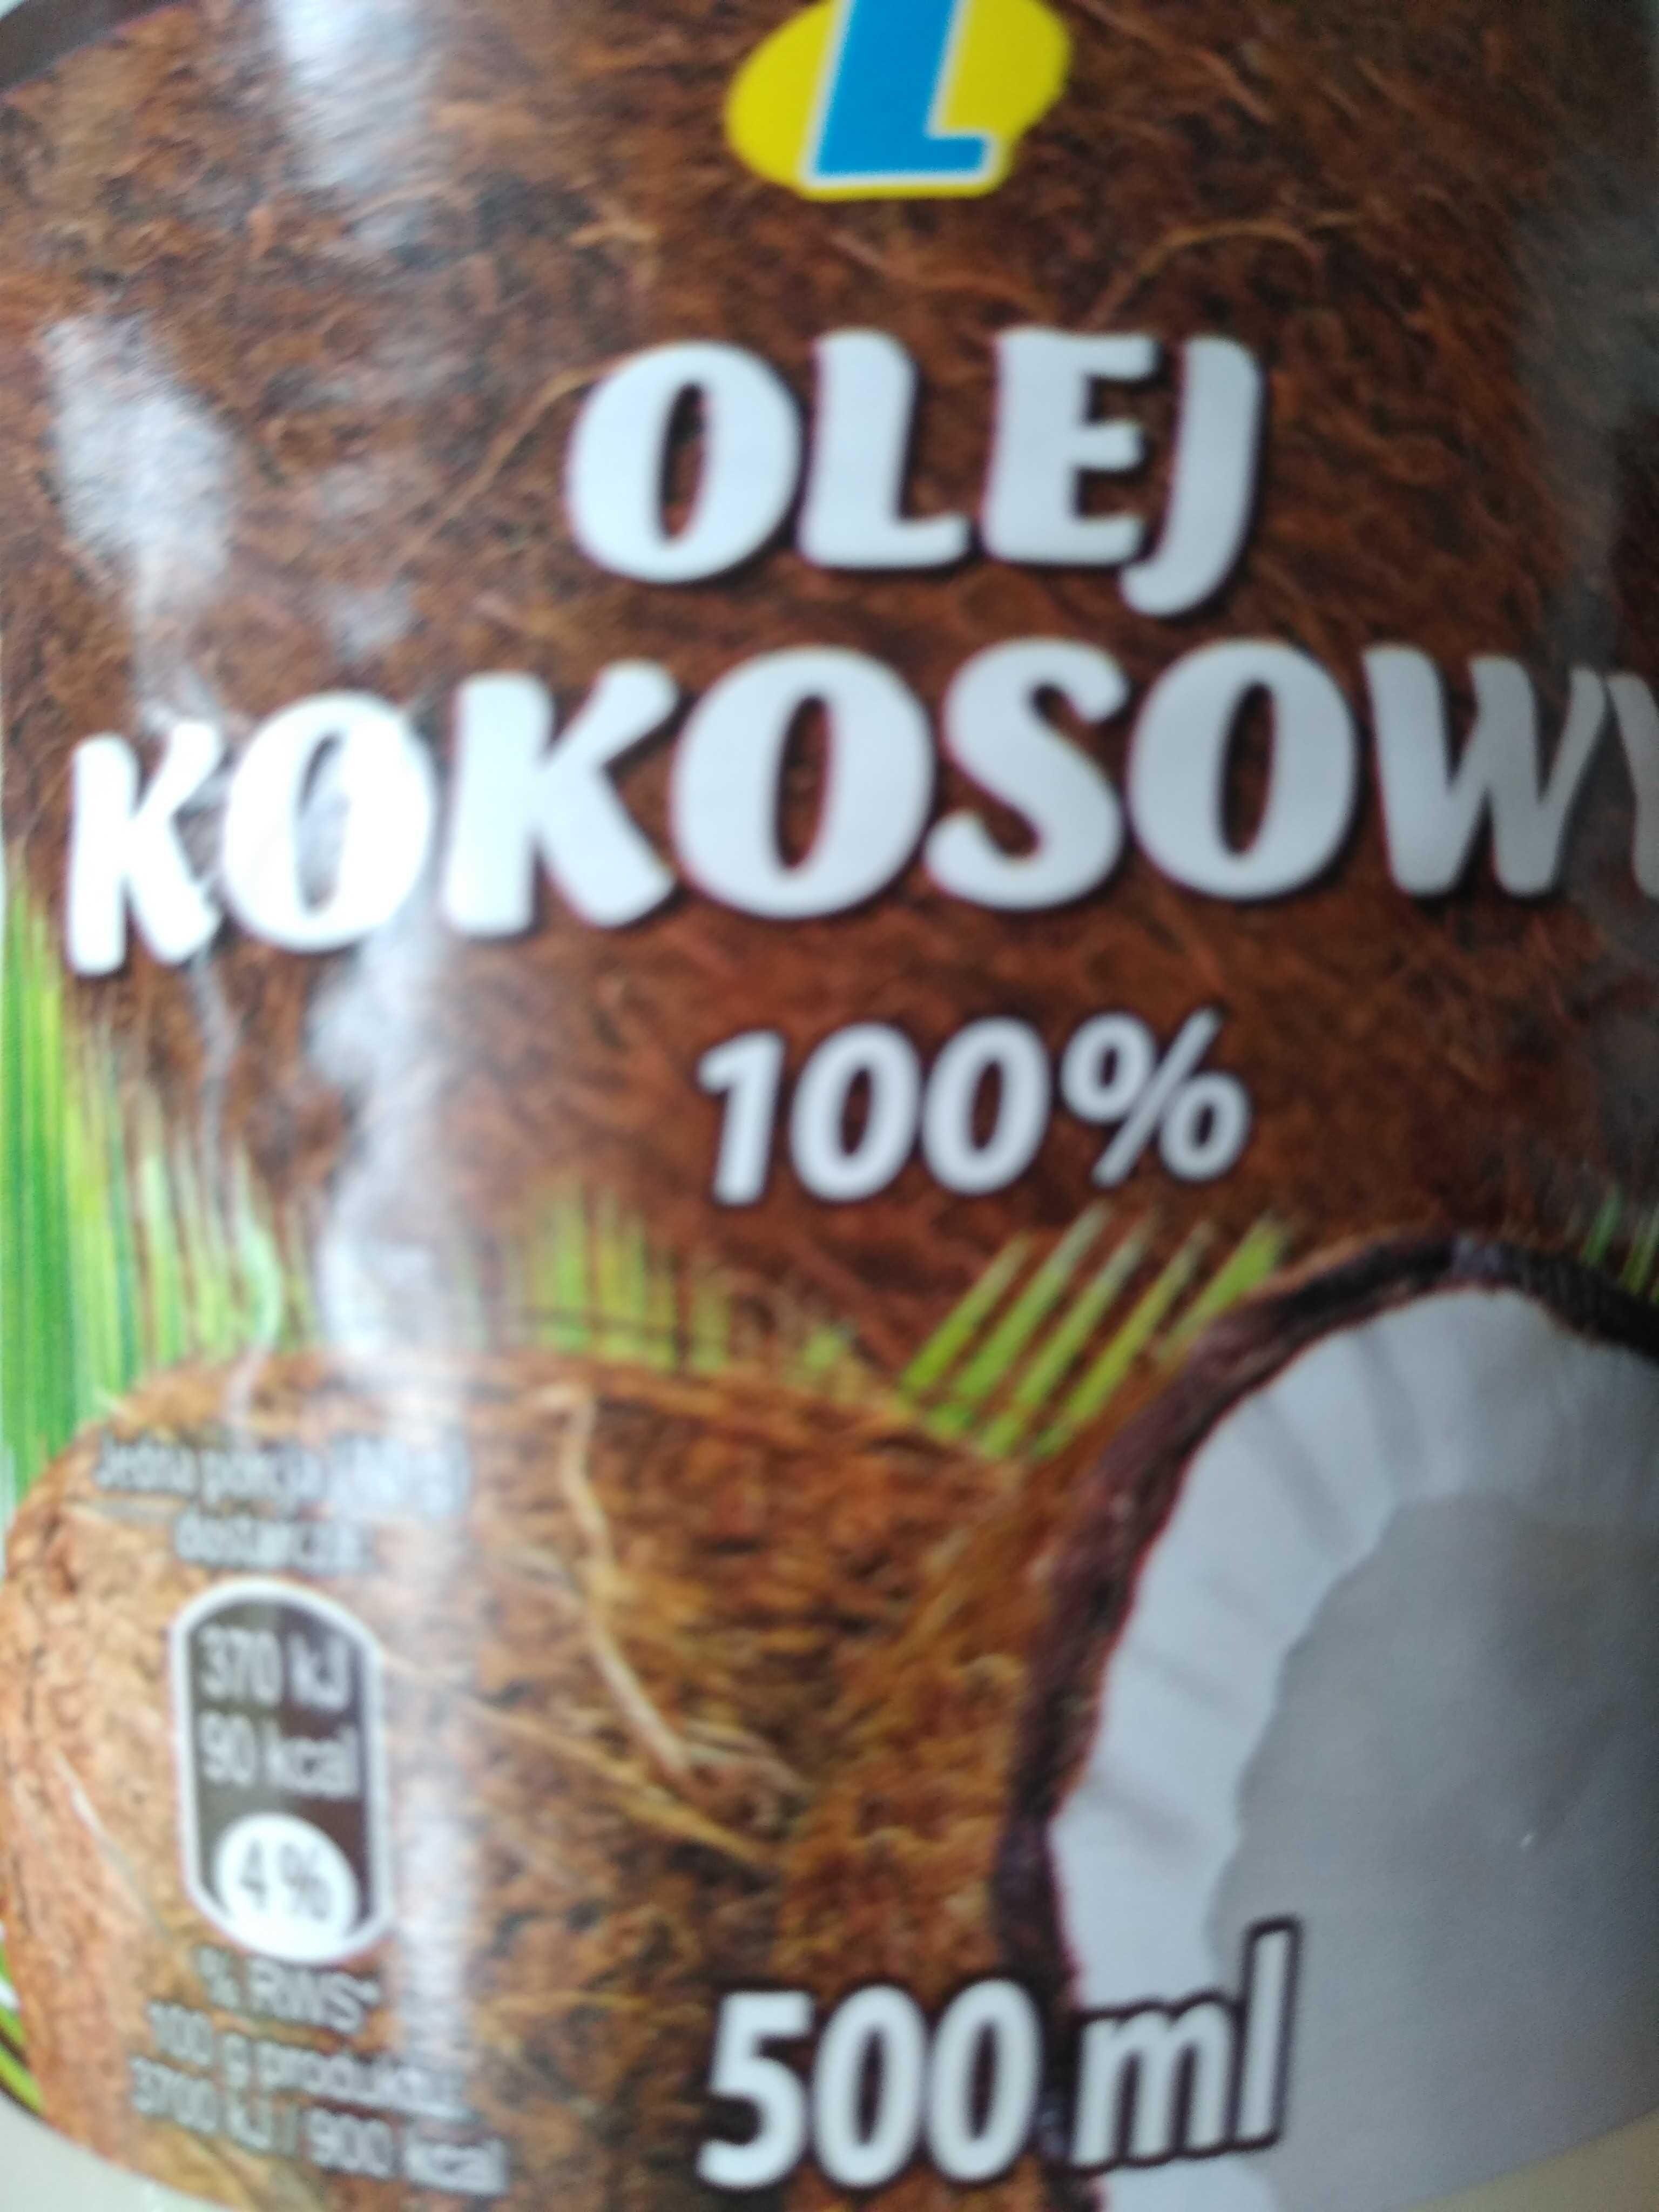 Olej kokosowy - Product - en